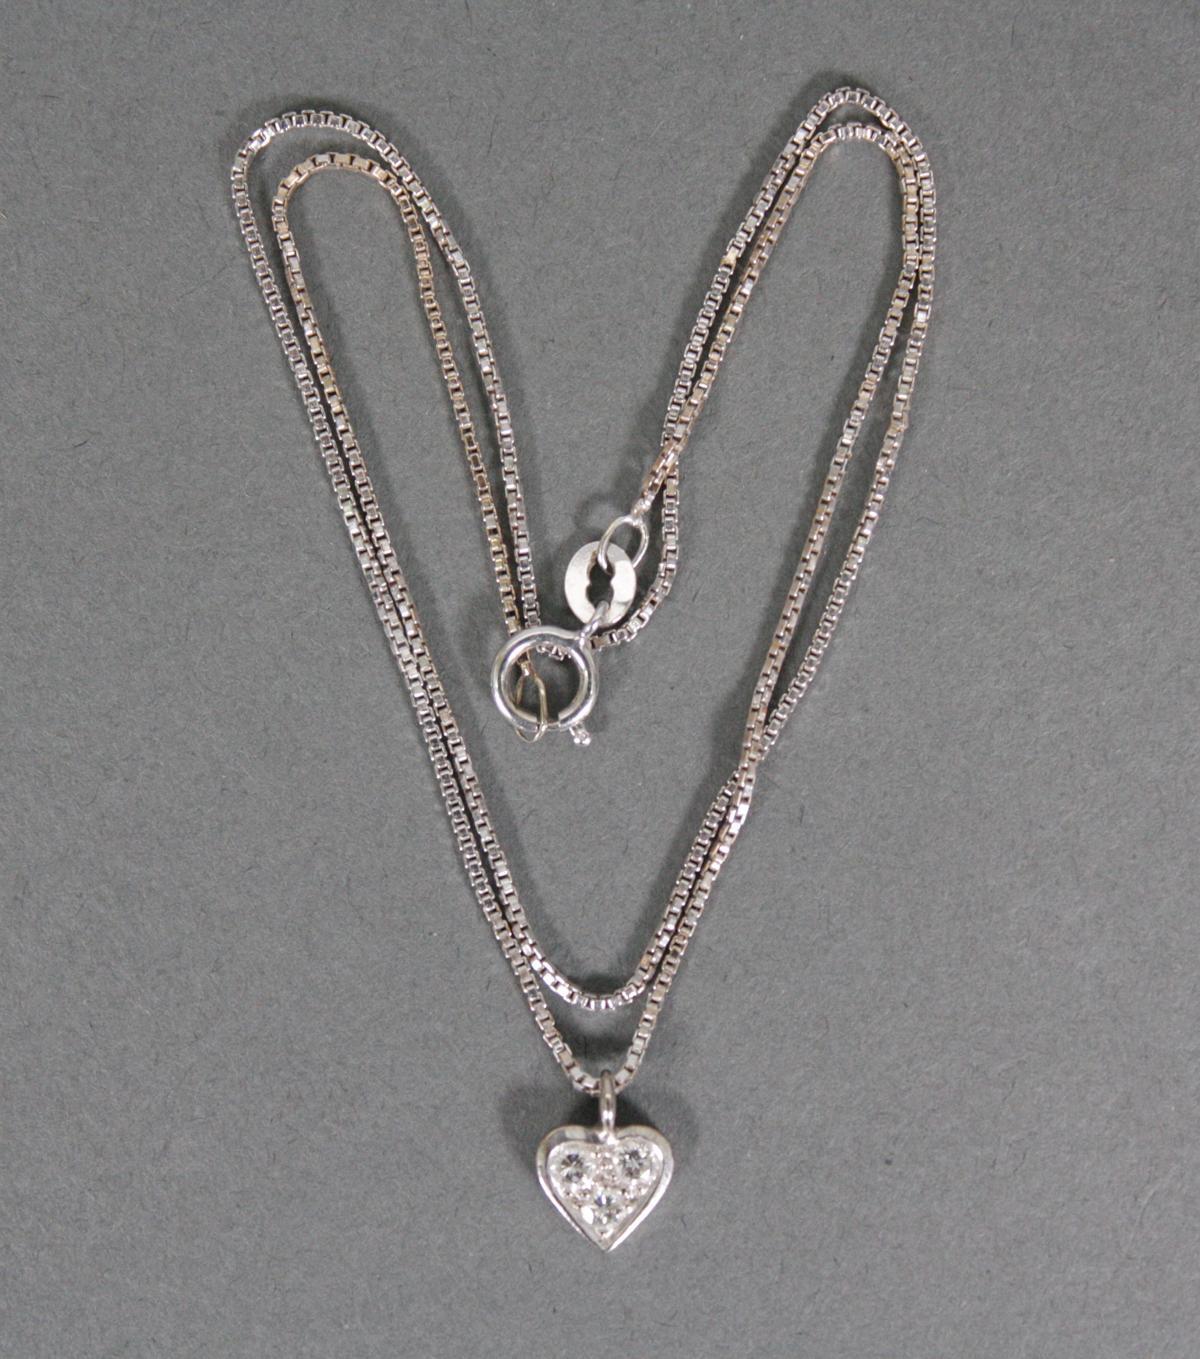 Kette mit Diamantanhänger in Herzform, 14 Karat Weißgold